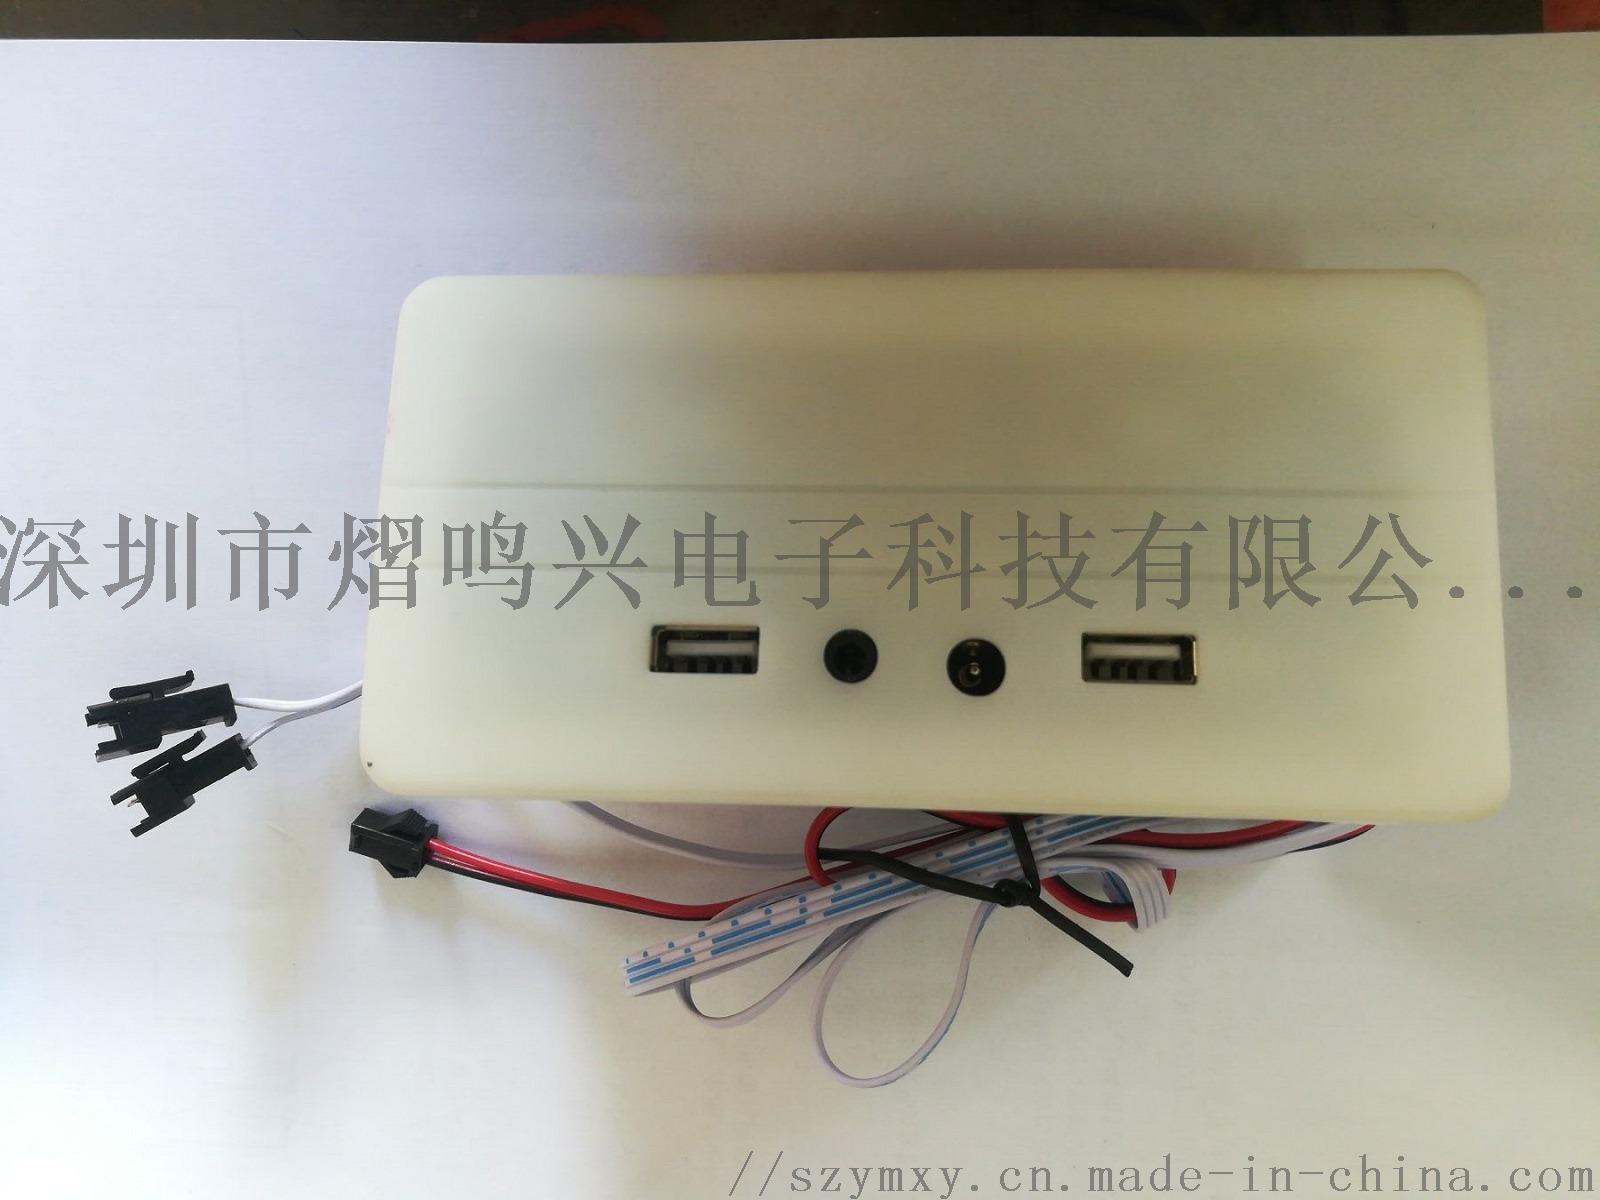 充電輸出雙USB傢俱沙發面板播放器音響配件套件藍牙牀頭櫃音響播放器智慧家方案807756515